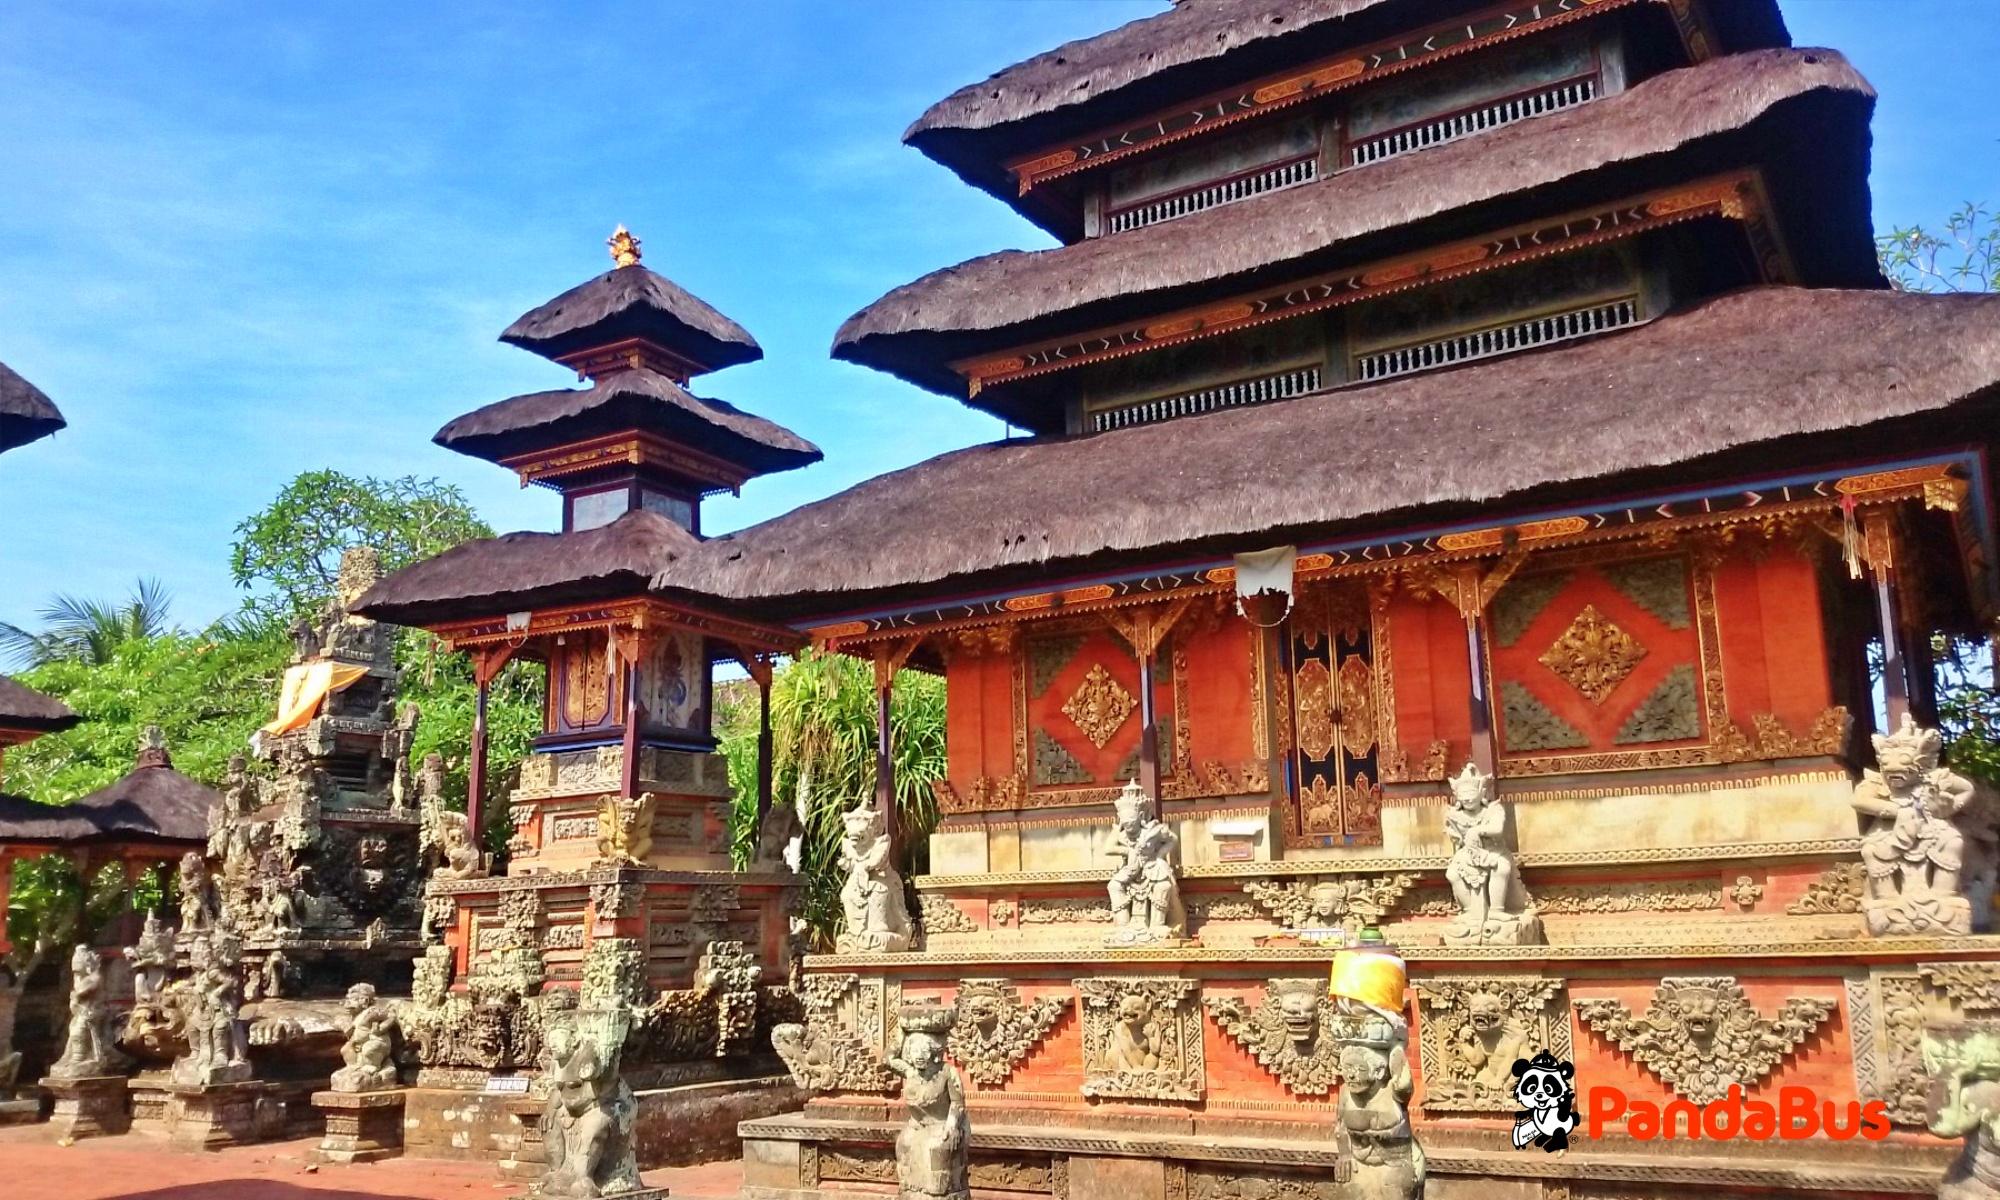 バトゥアン寺院へ立ち寄り(約15分)